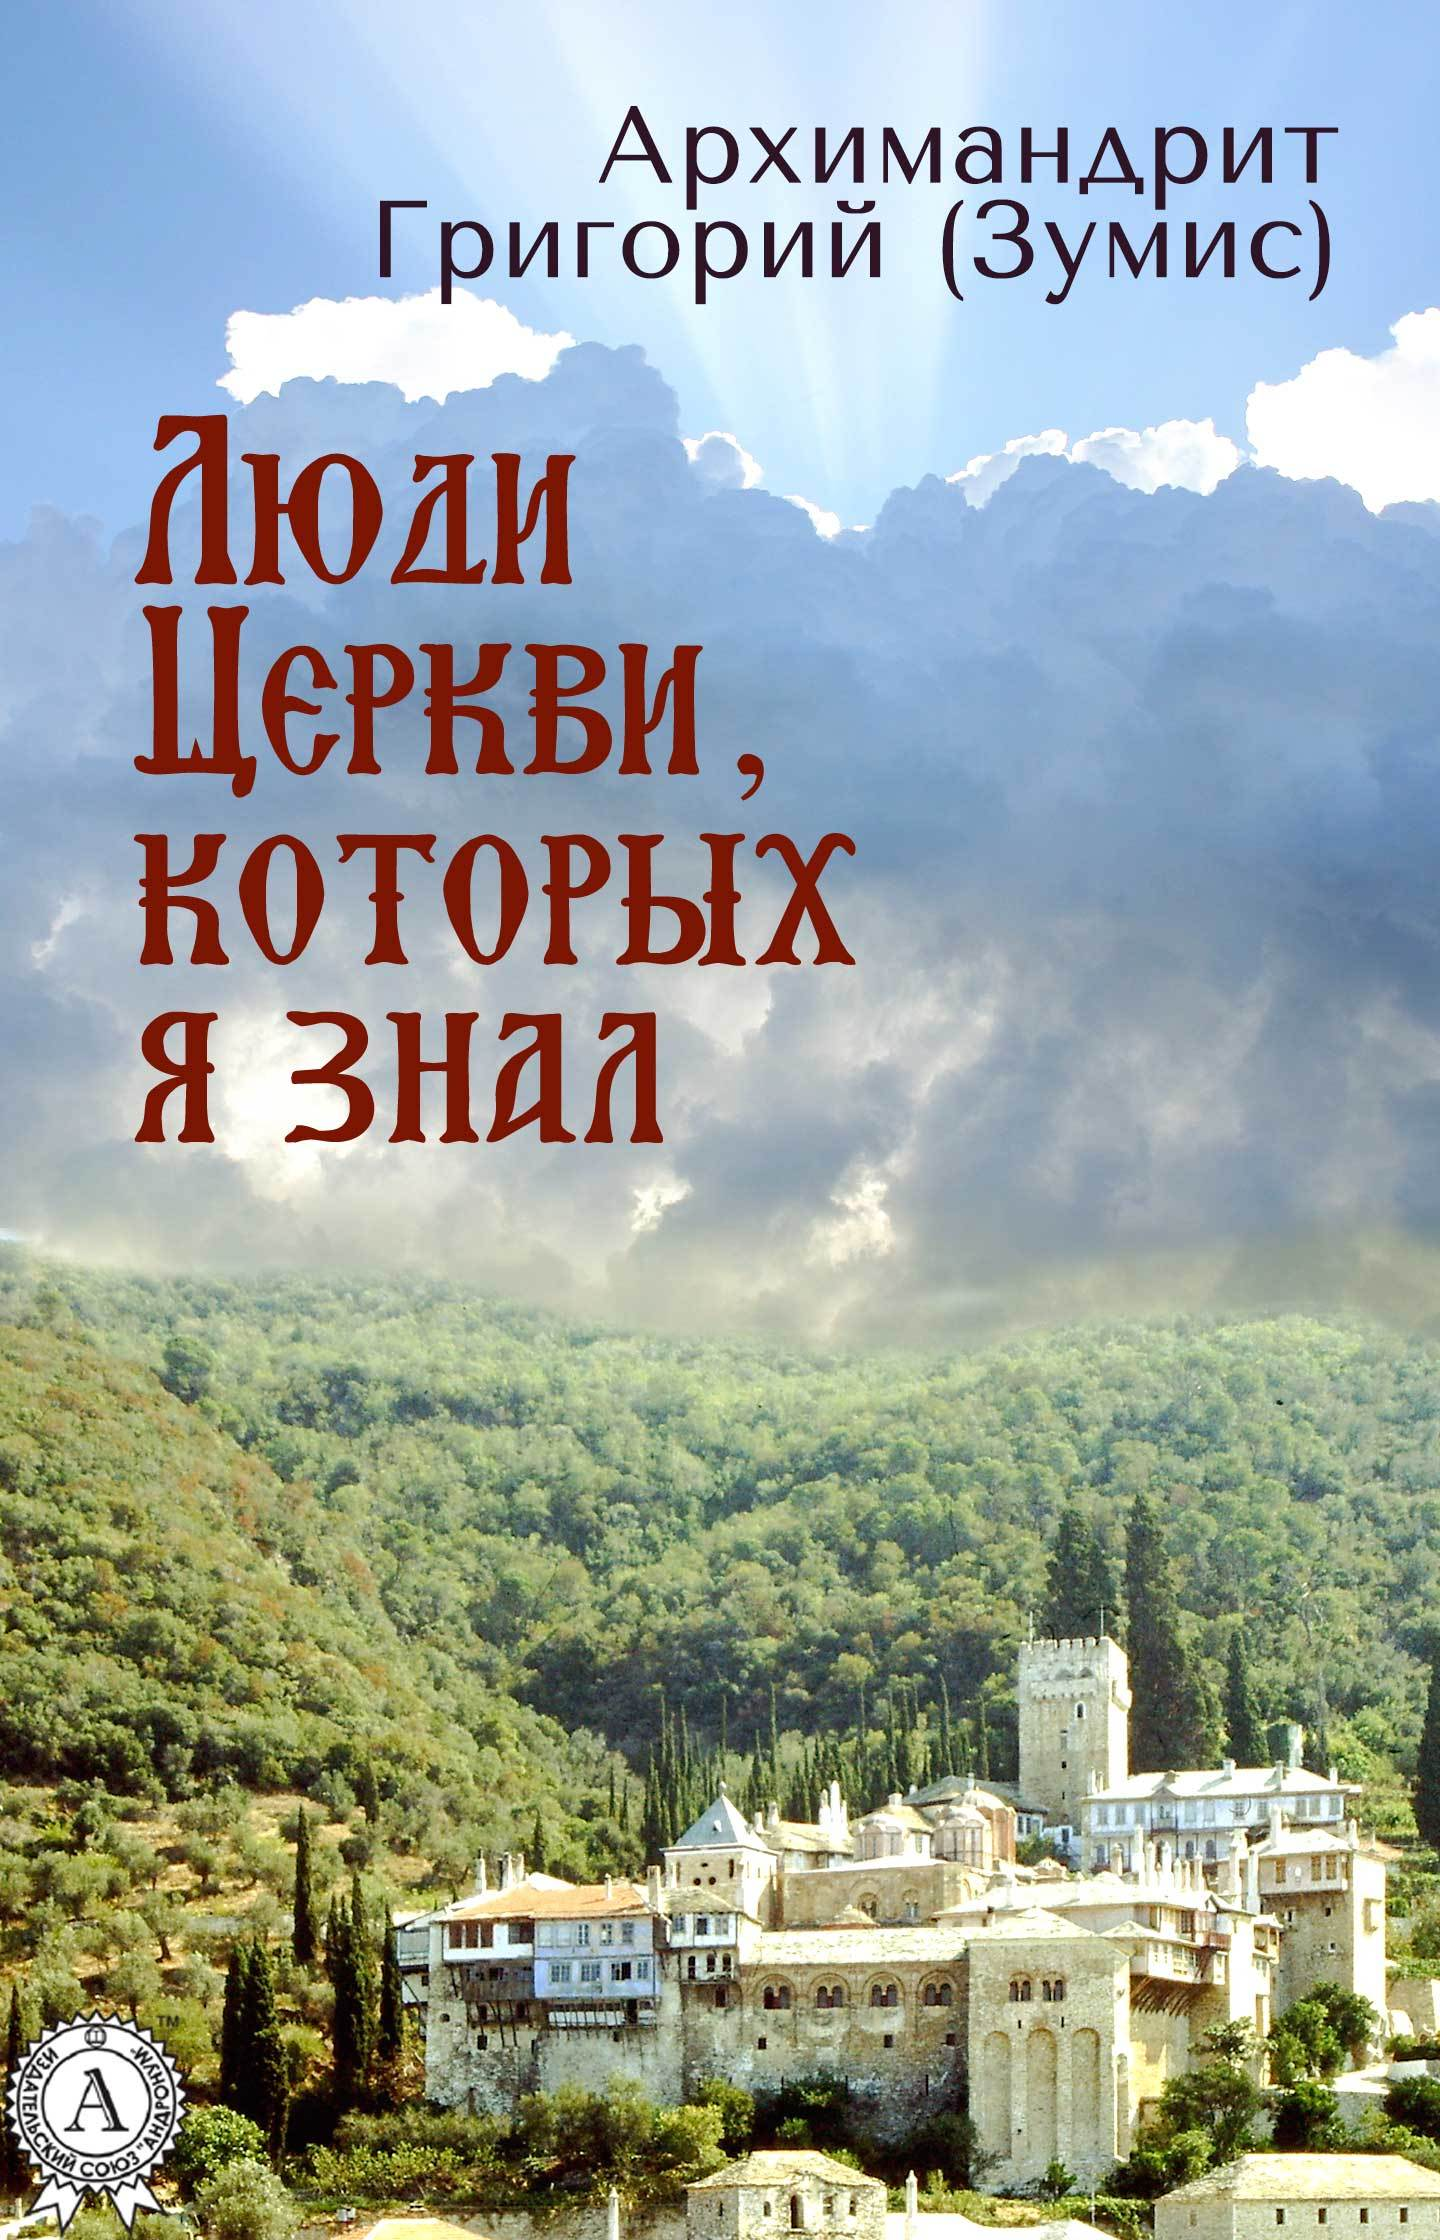 Григорий (Зумис) Архимандрит бесплатно